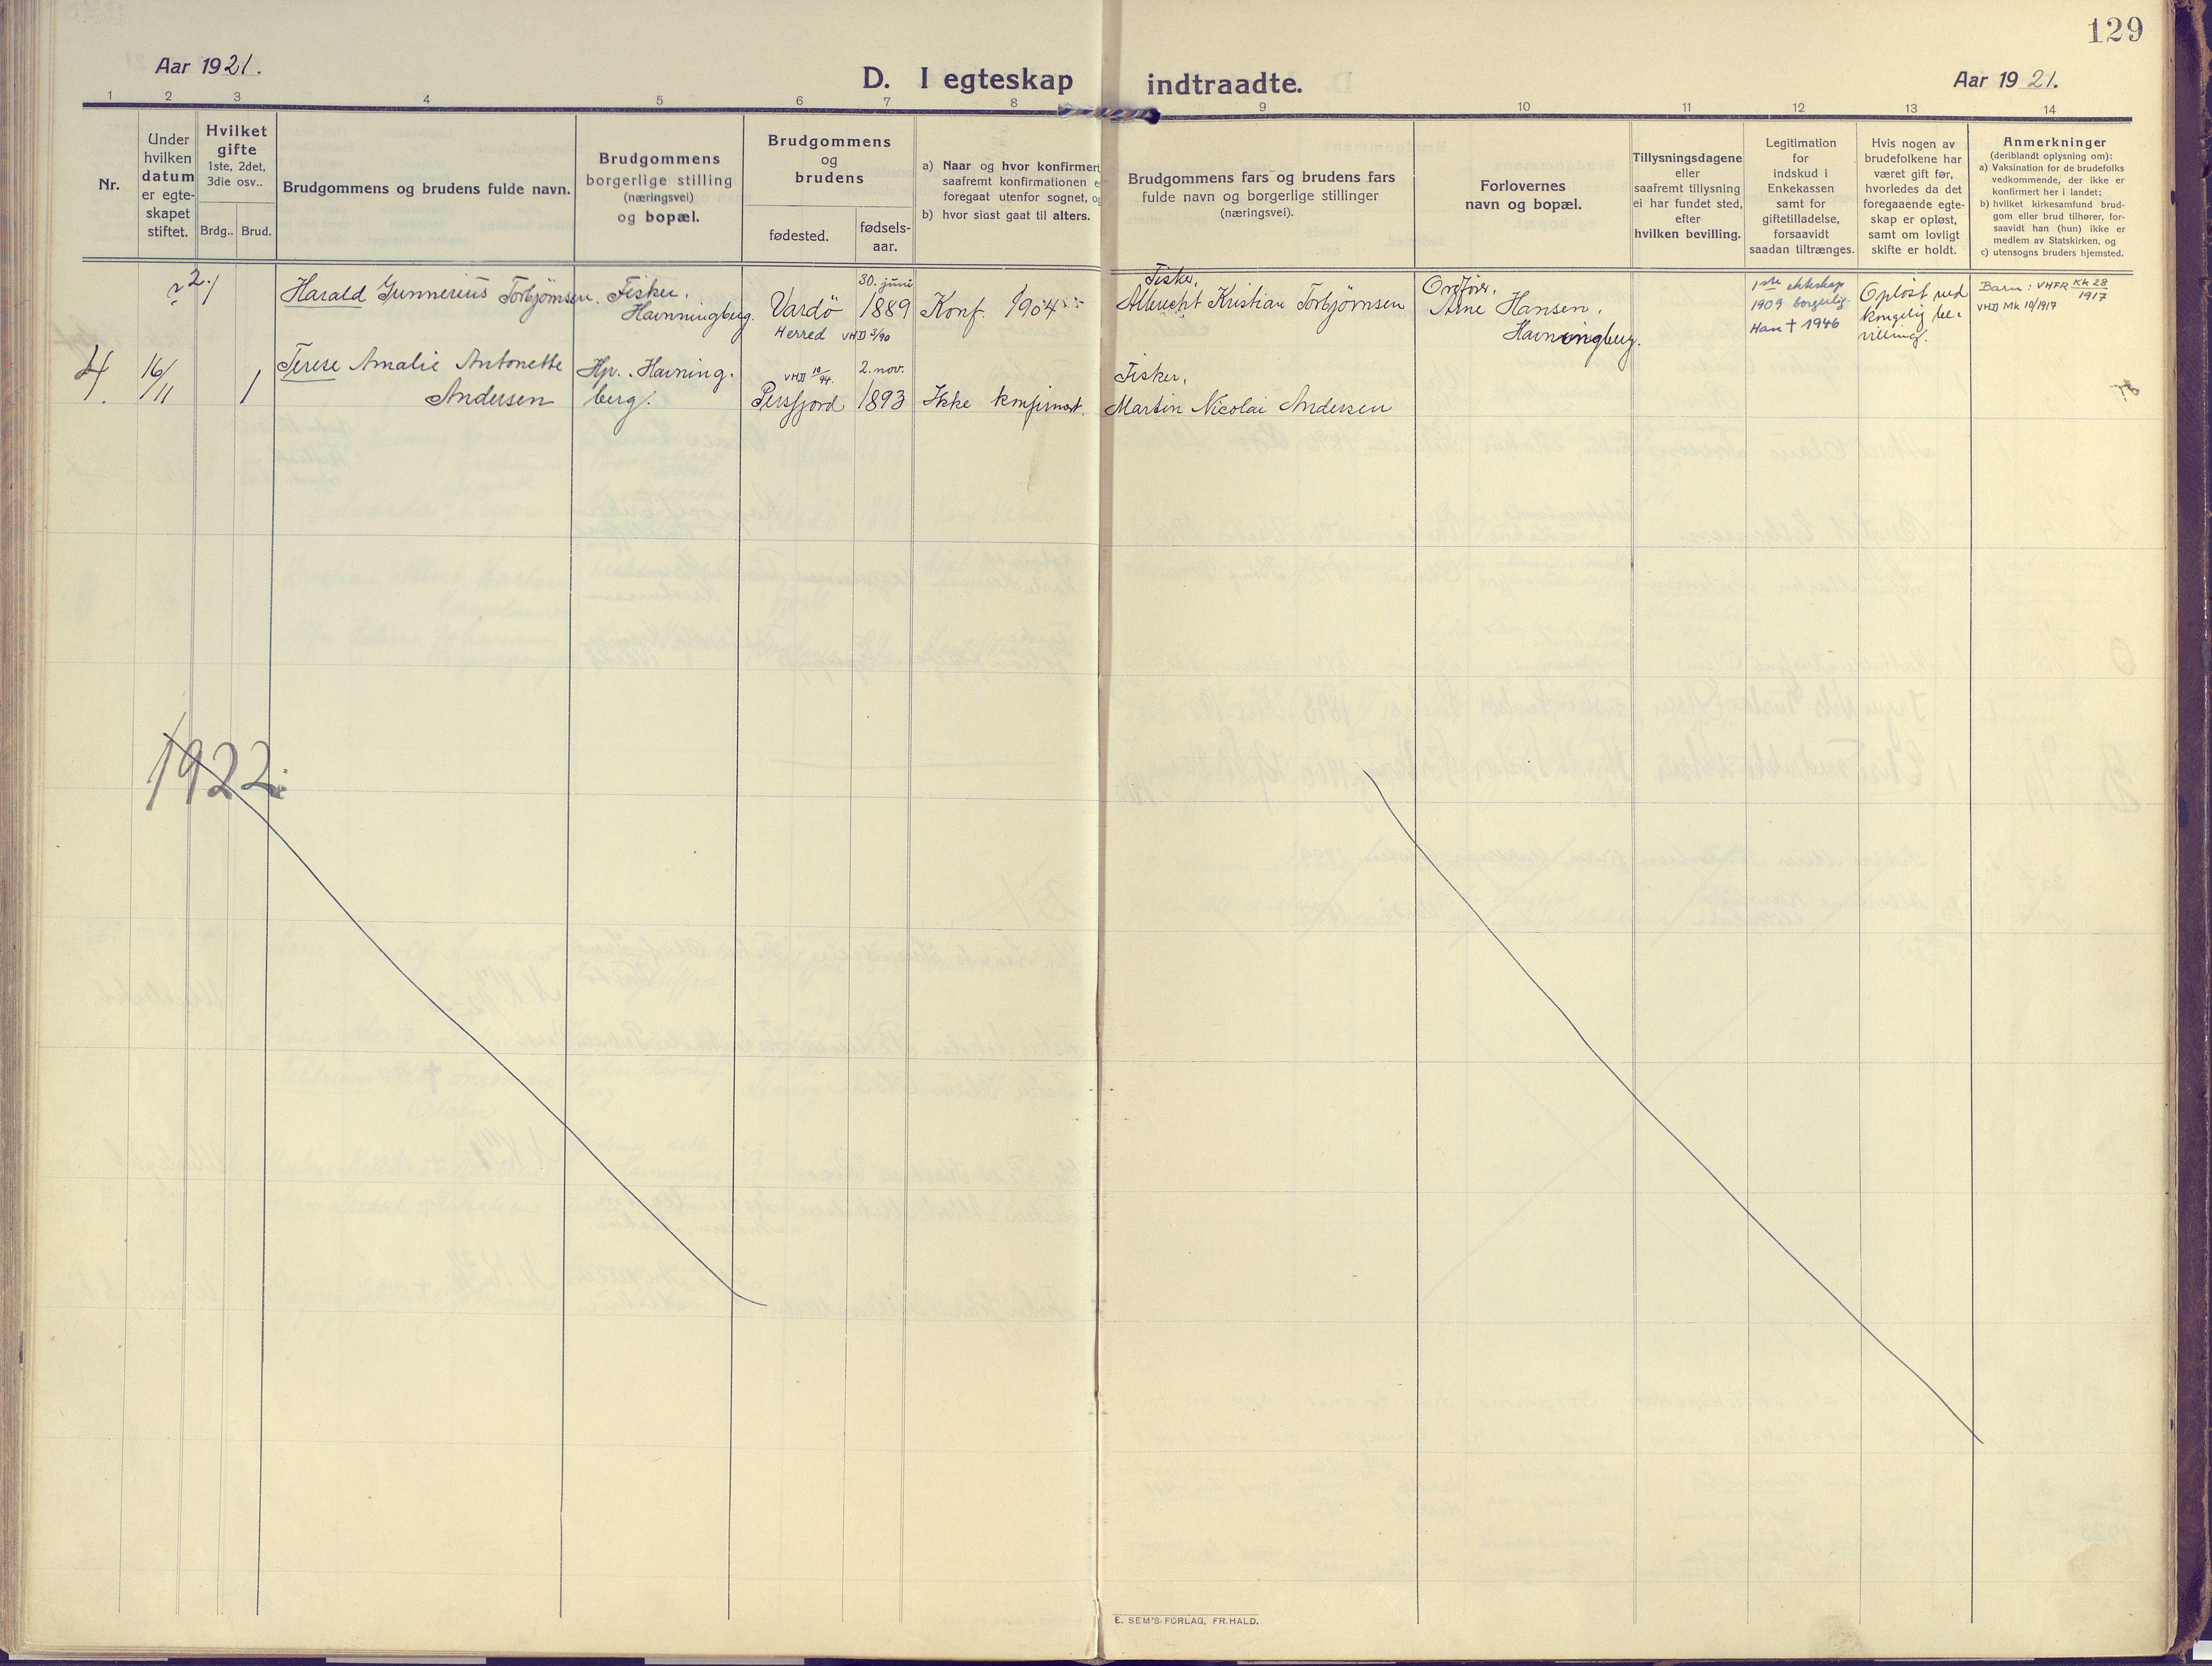 SATØ, Vardø sokneprestkontor, H/Ha/L0013kirke: Ministerialbok nr. 13, 1912-1928, s. 129